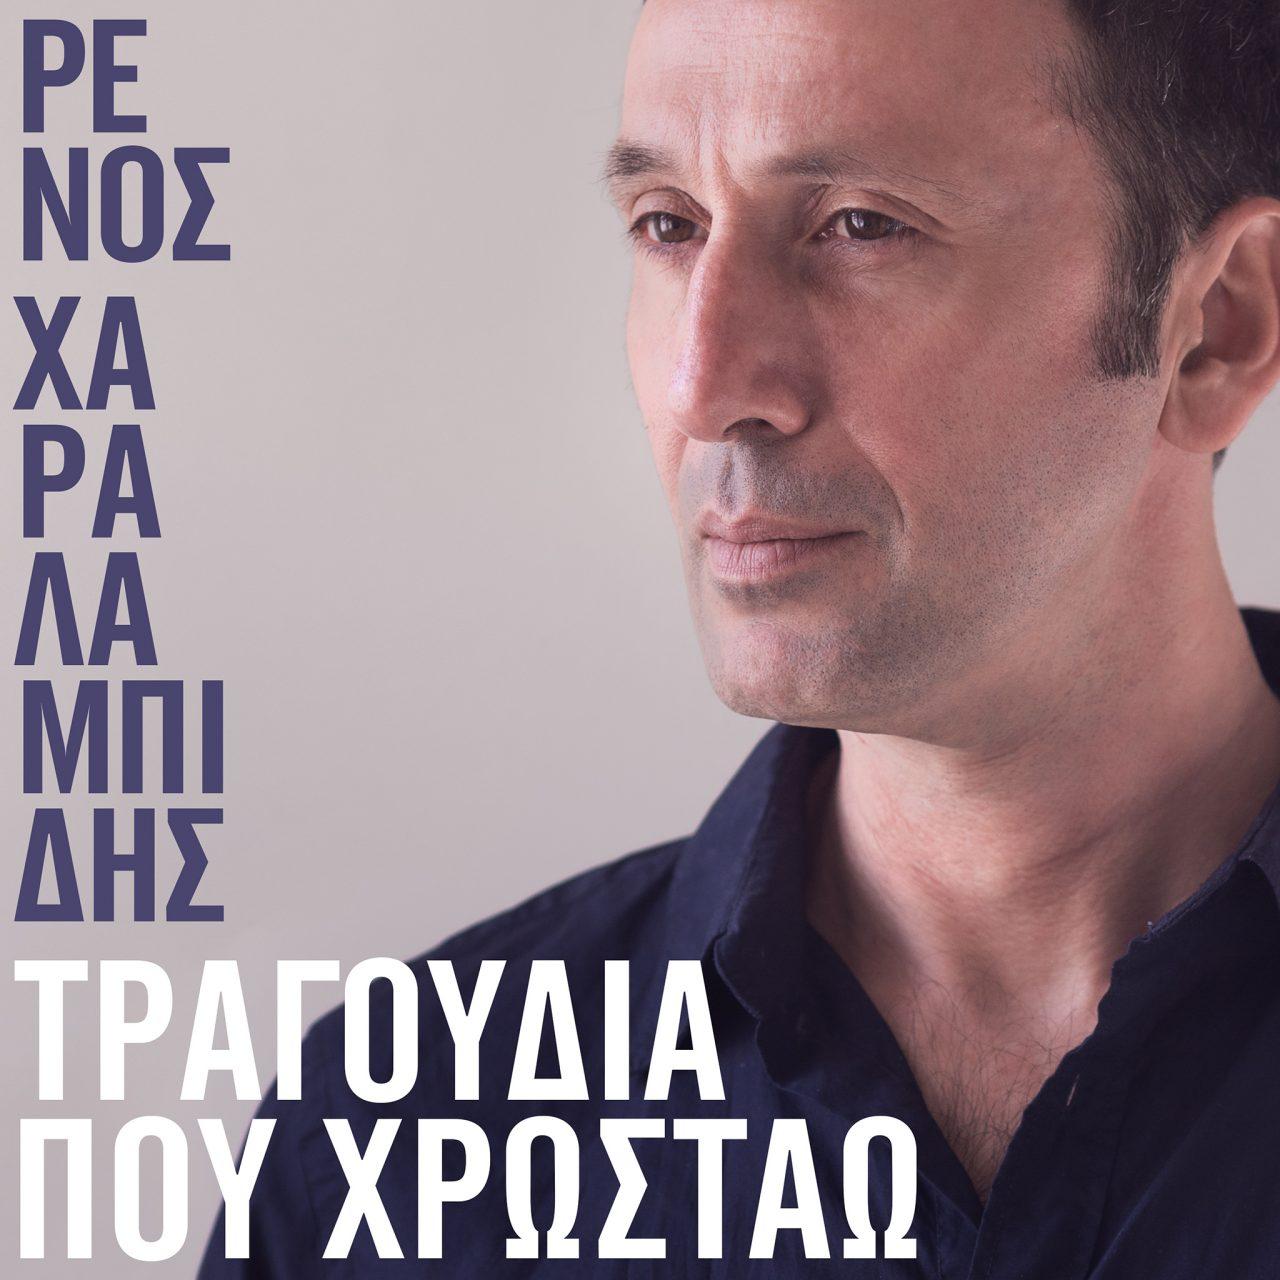 Ρένος Χαραλαμπίδης - Τραγούδια που χρωστάω